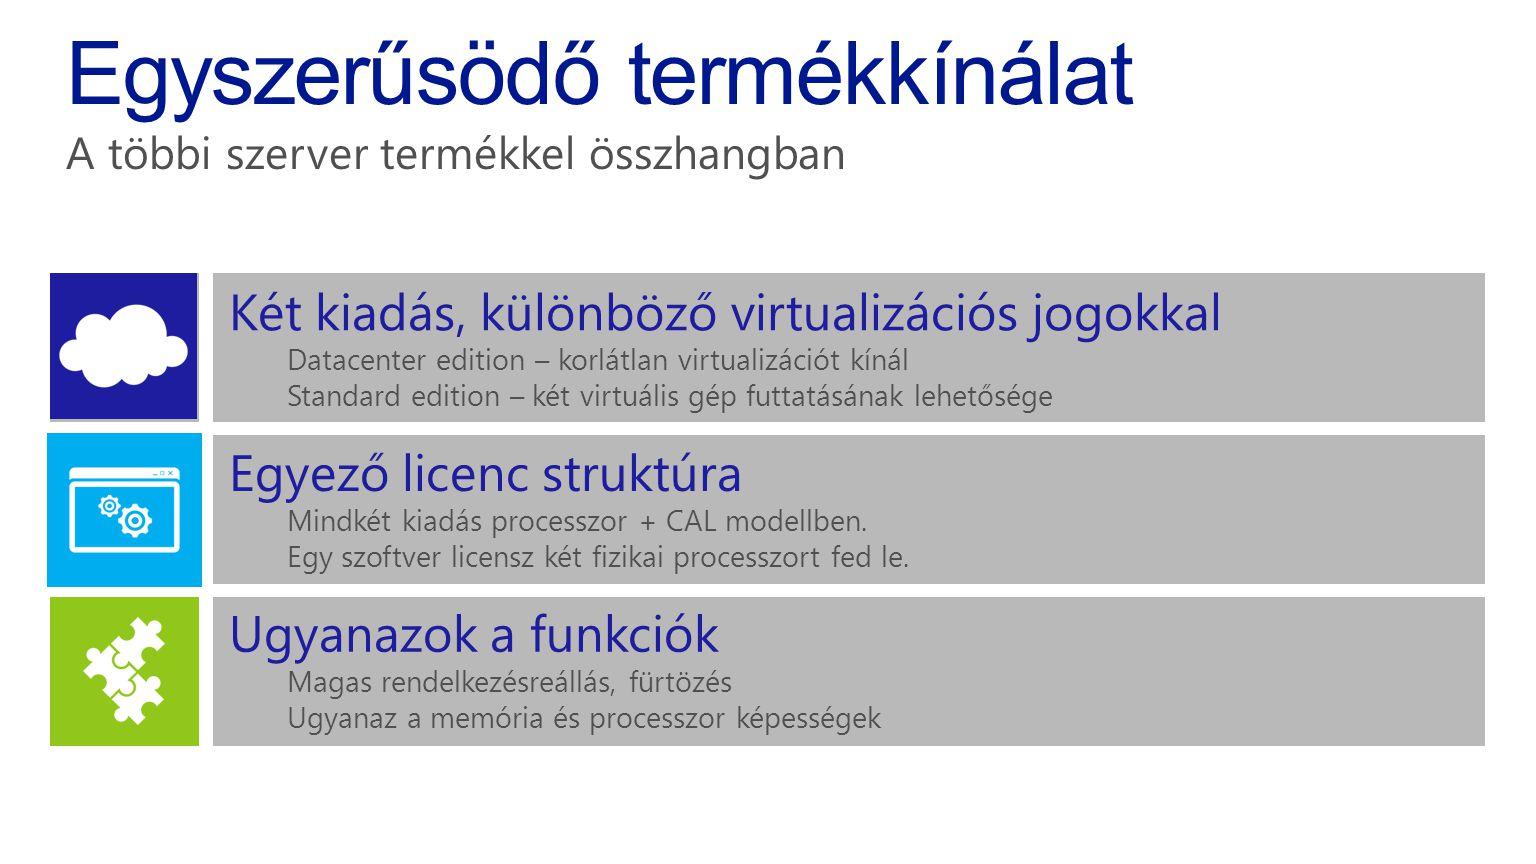 A többi szerver termékkel összhangban Egyező licenc struktúra Mindkét kiadás processzor + CAL modellben. Egy szoftver licensz két fizikai processzort